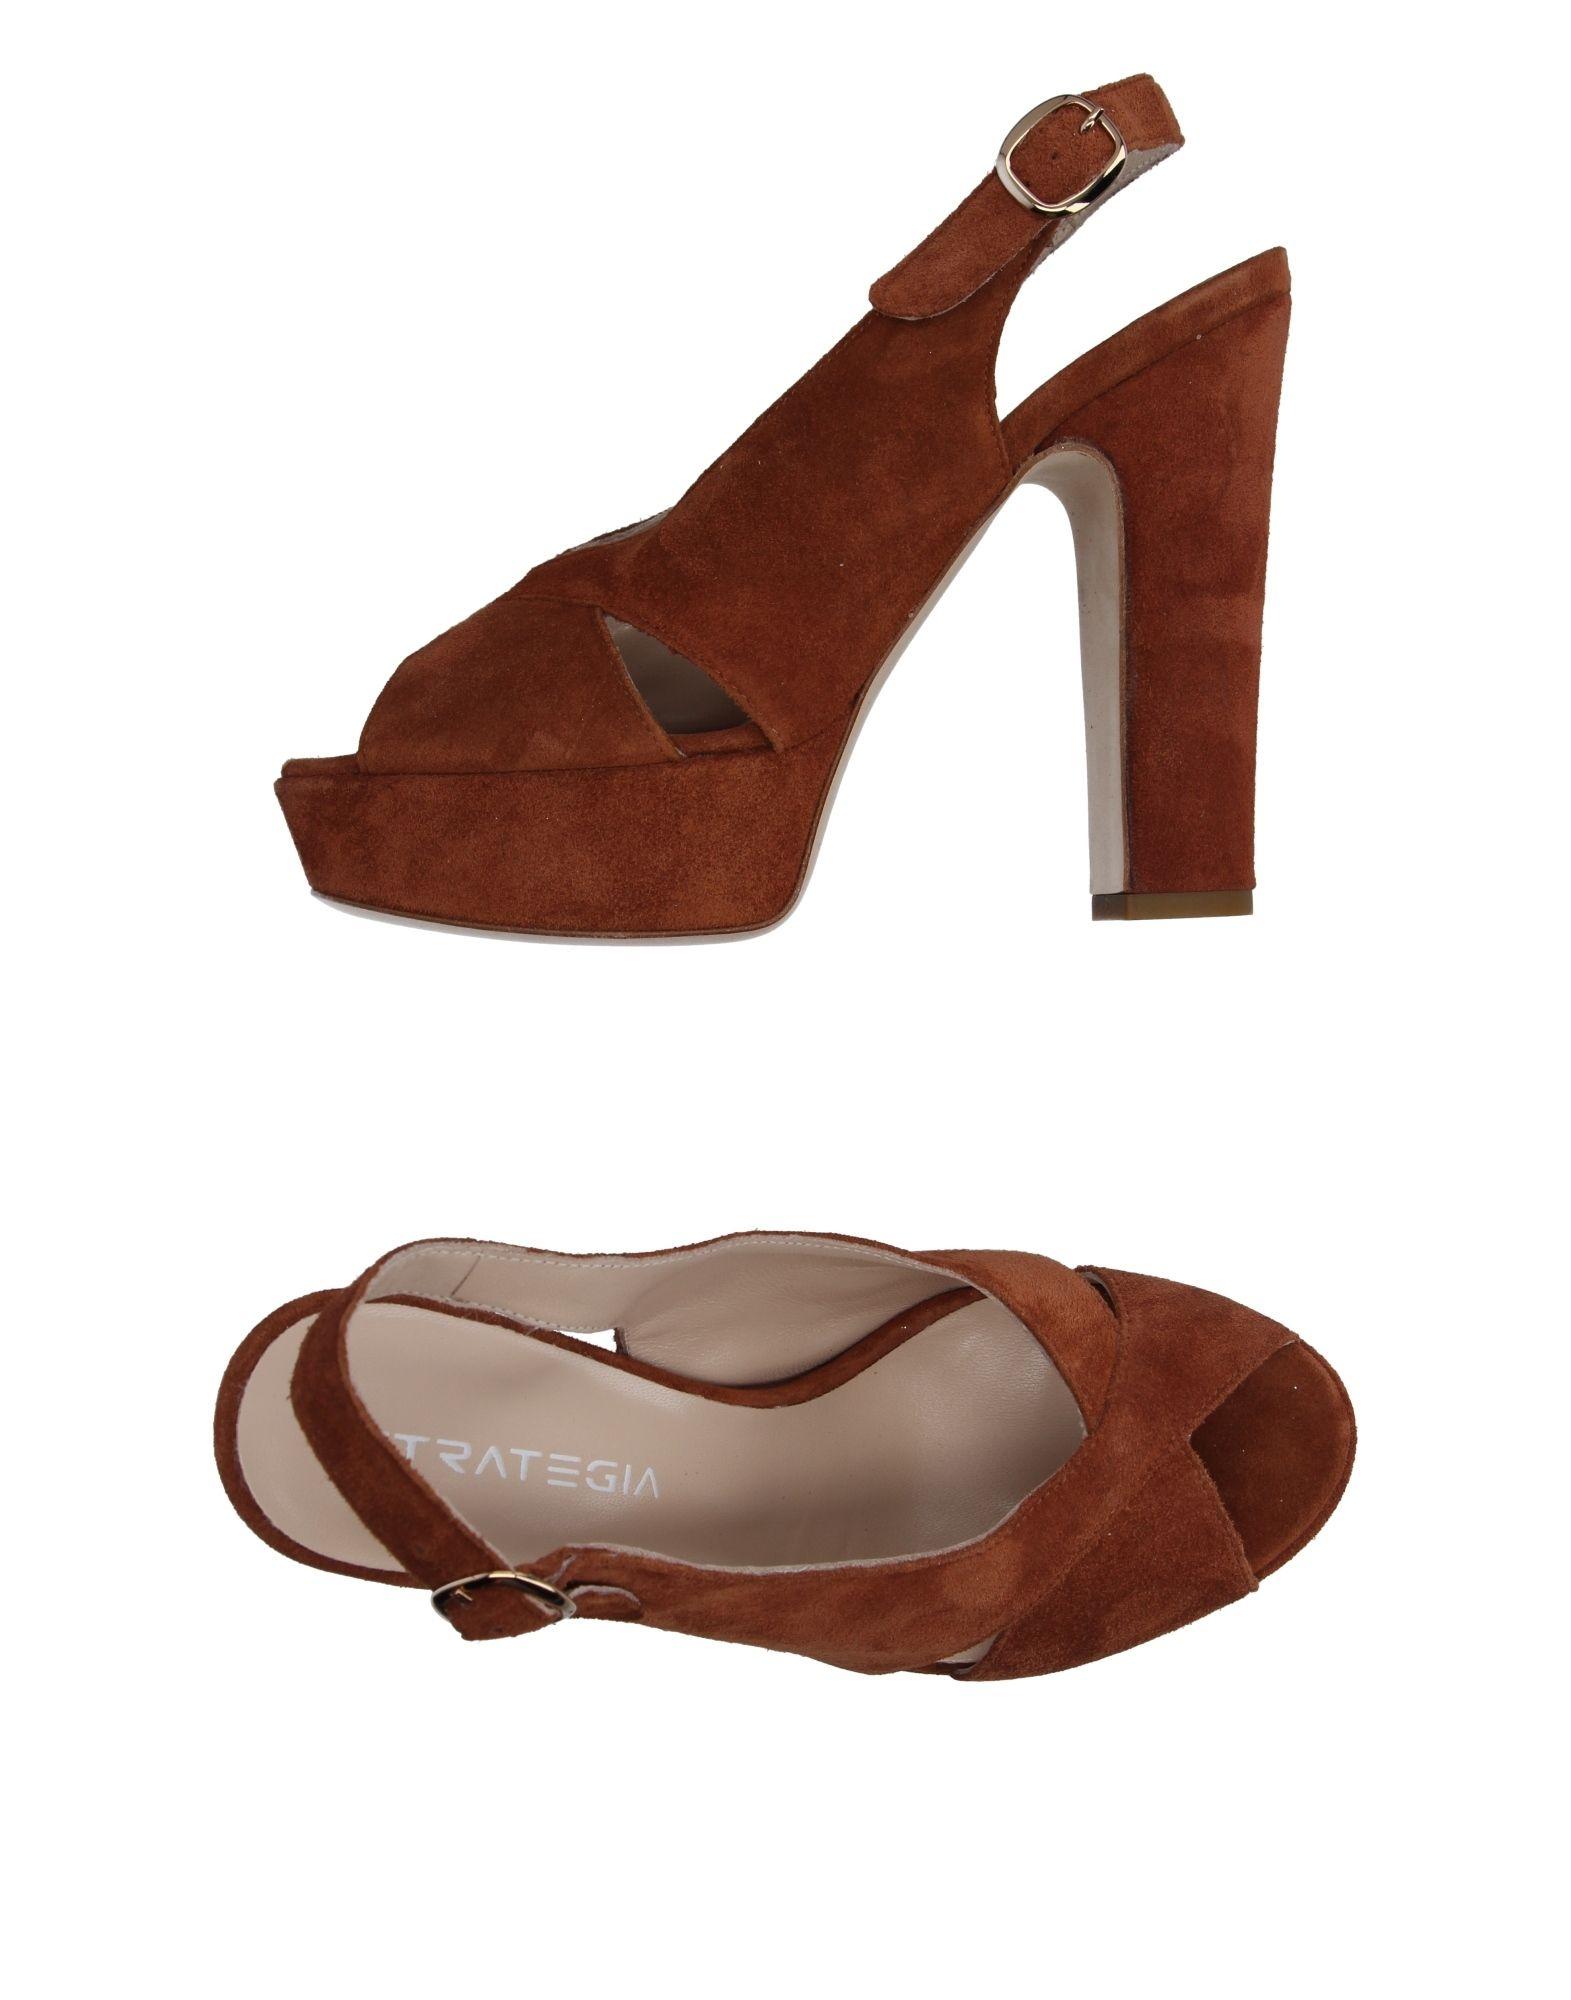 Strategia Sandalen Damen  11175292UL Gute Qualität beliebte Schuhe